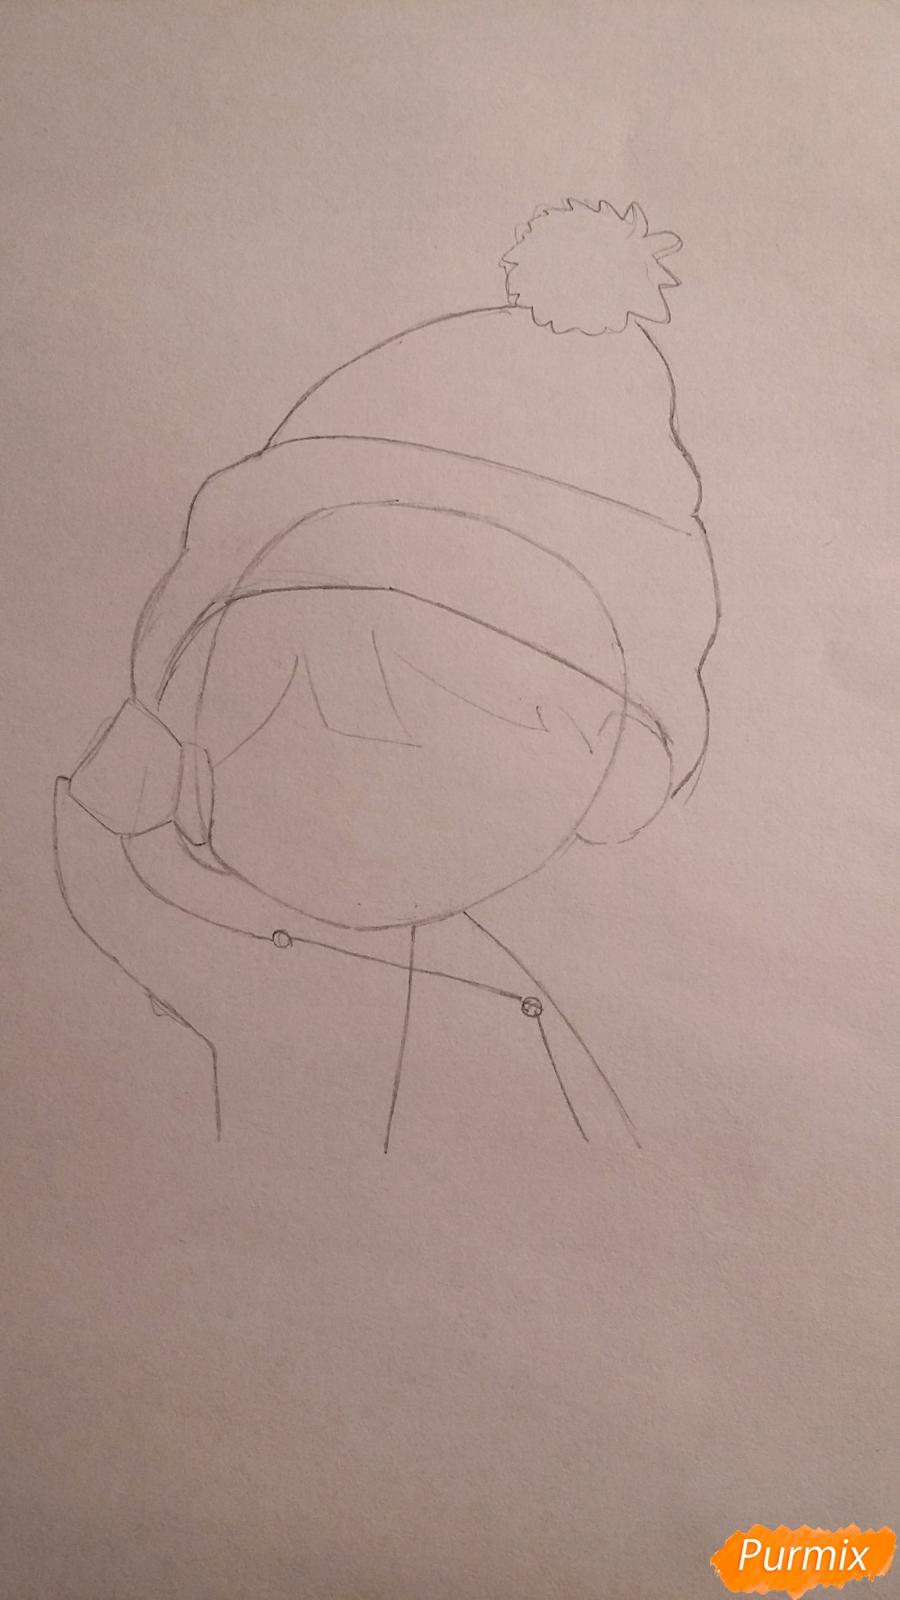 Рисуем чиби-мальчика в шапке цветными карандашами - фото 3